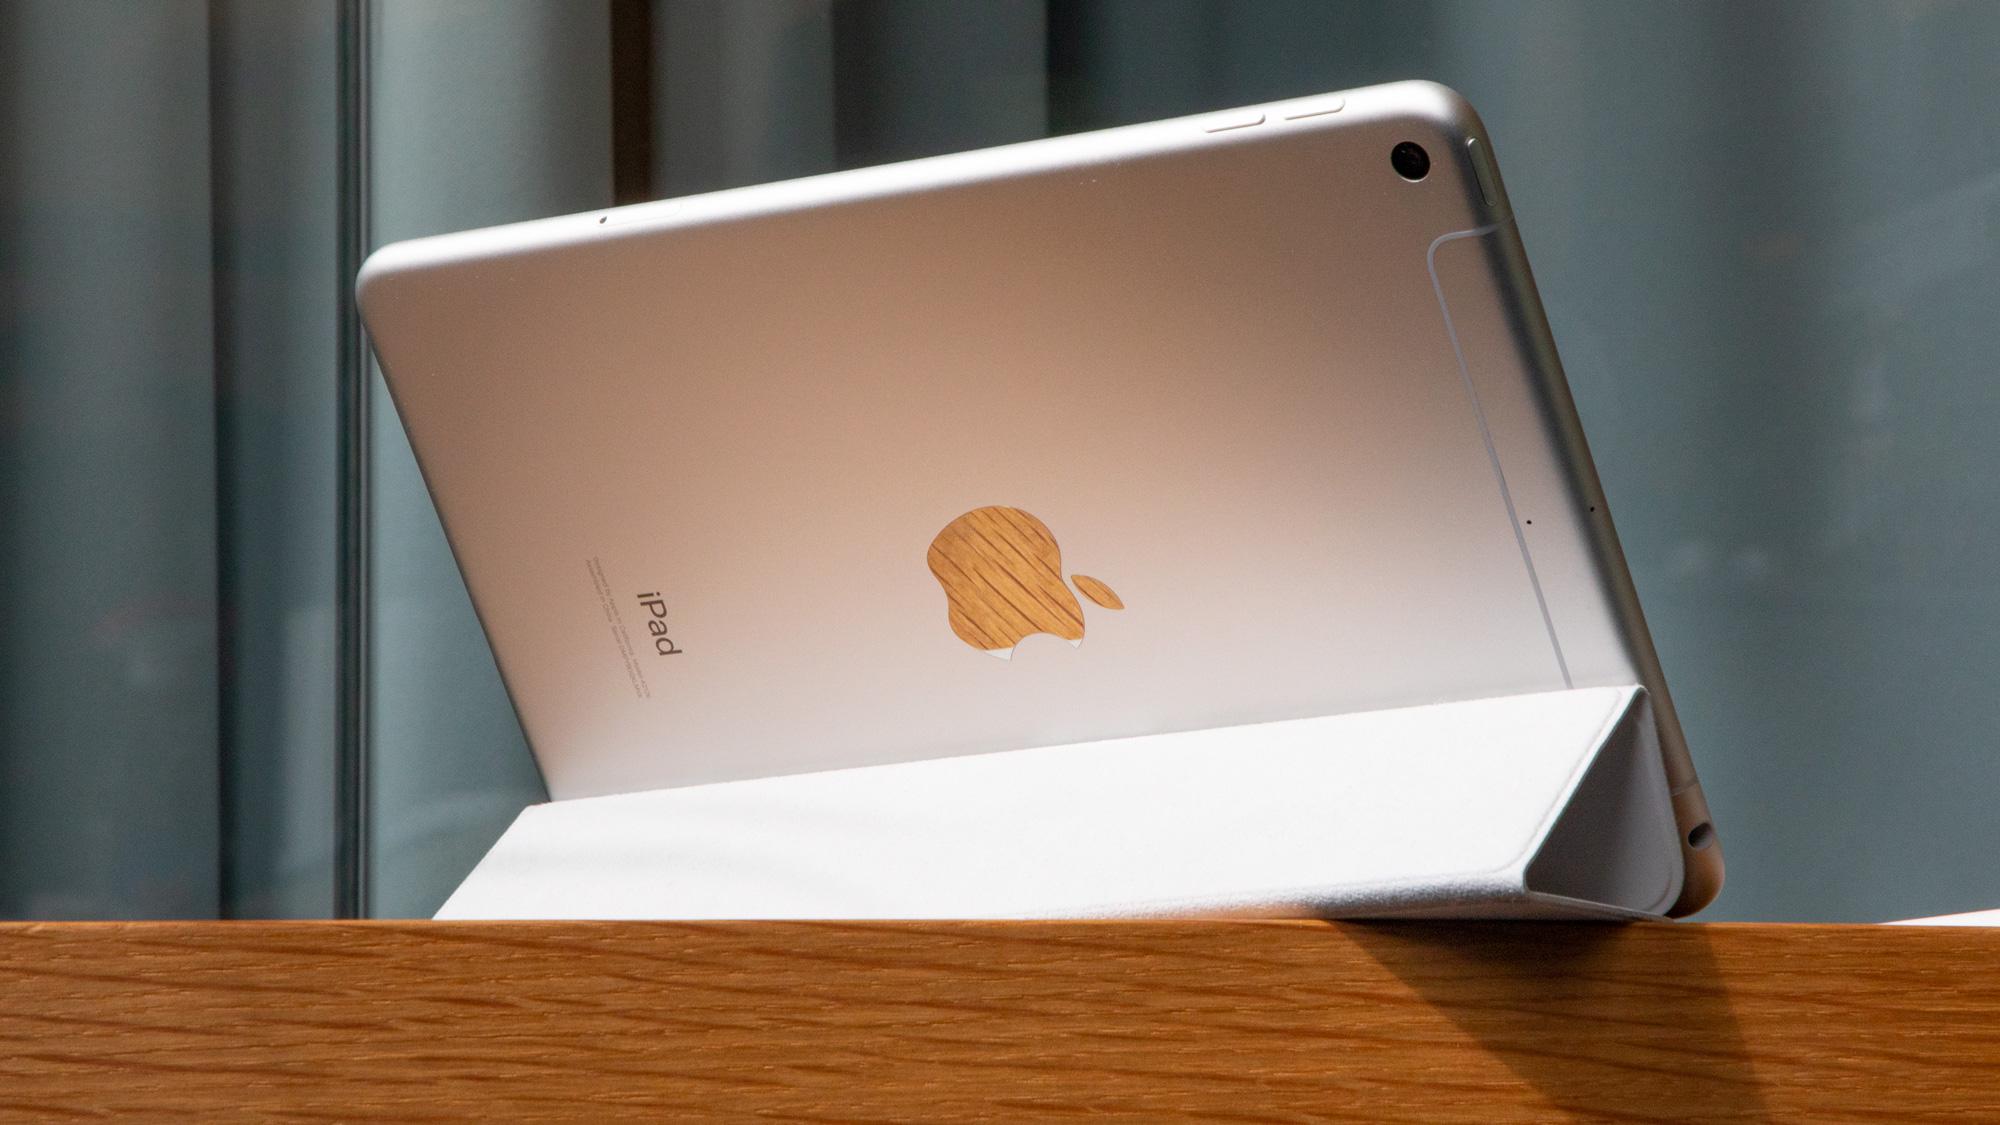 Un iPad mini (2019) visto desde atrás sobre una superficie de madera